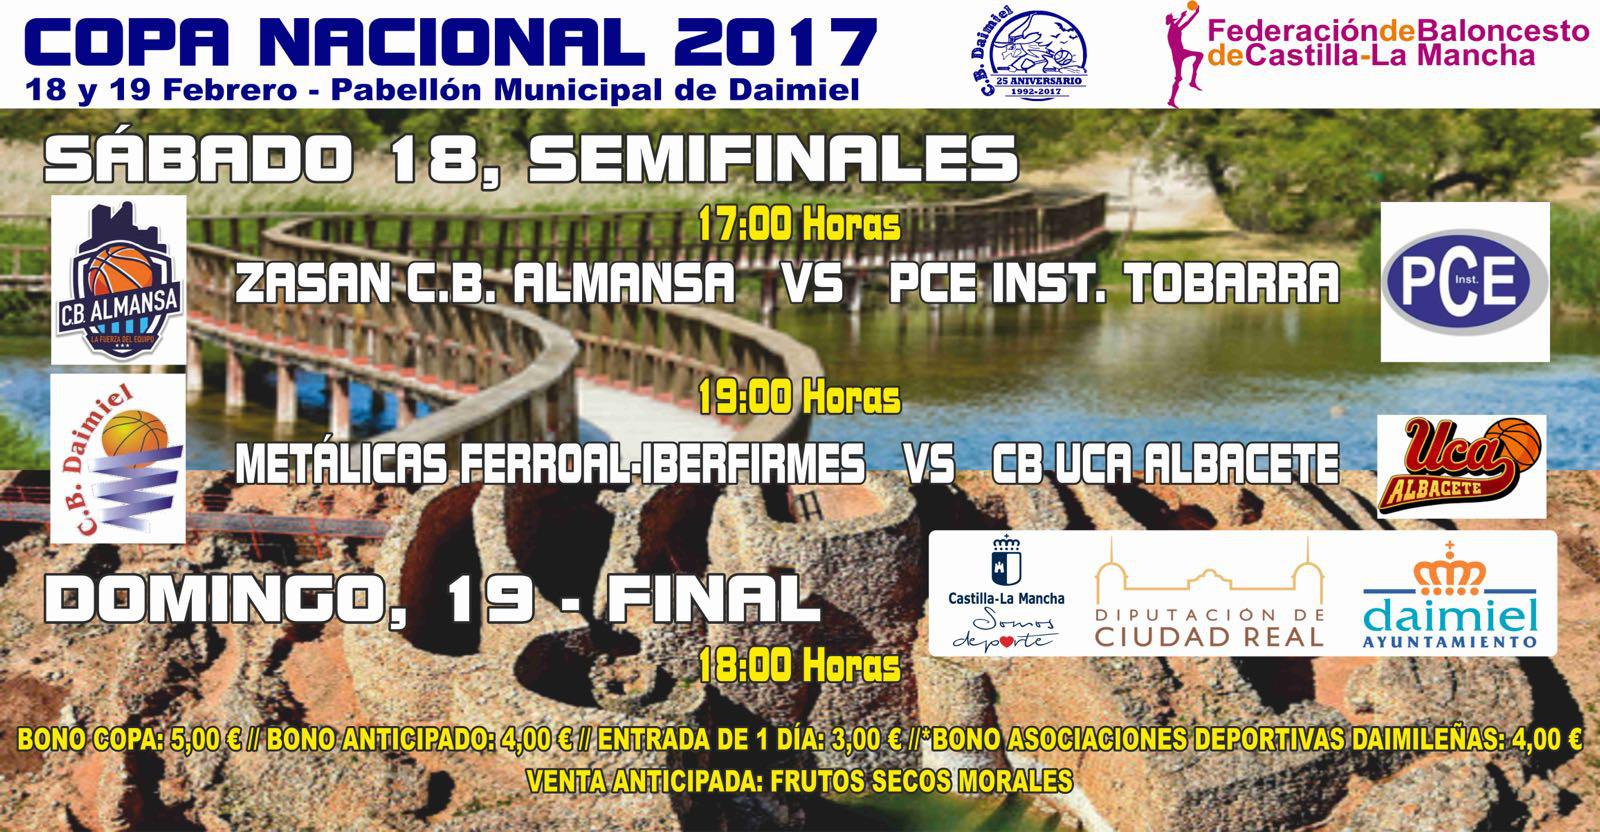 Cartel Copa Nacional de Baloncesto